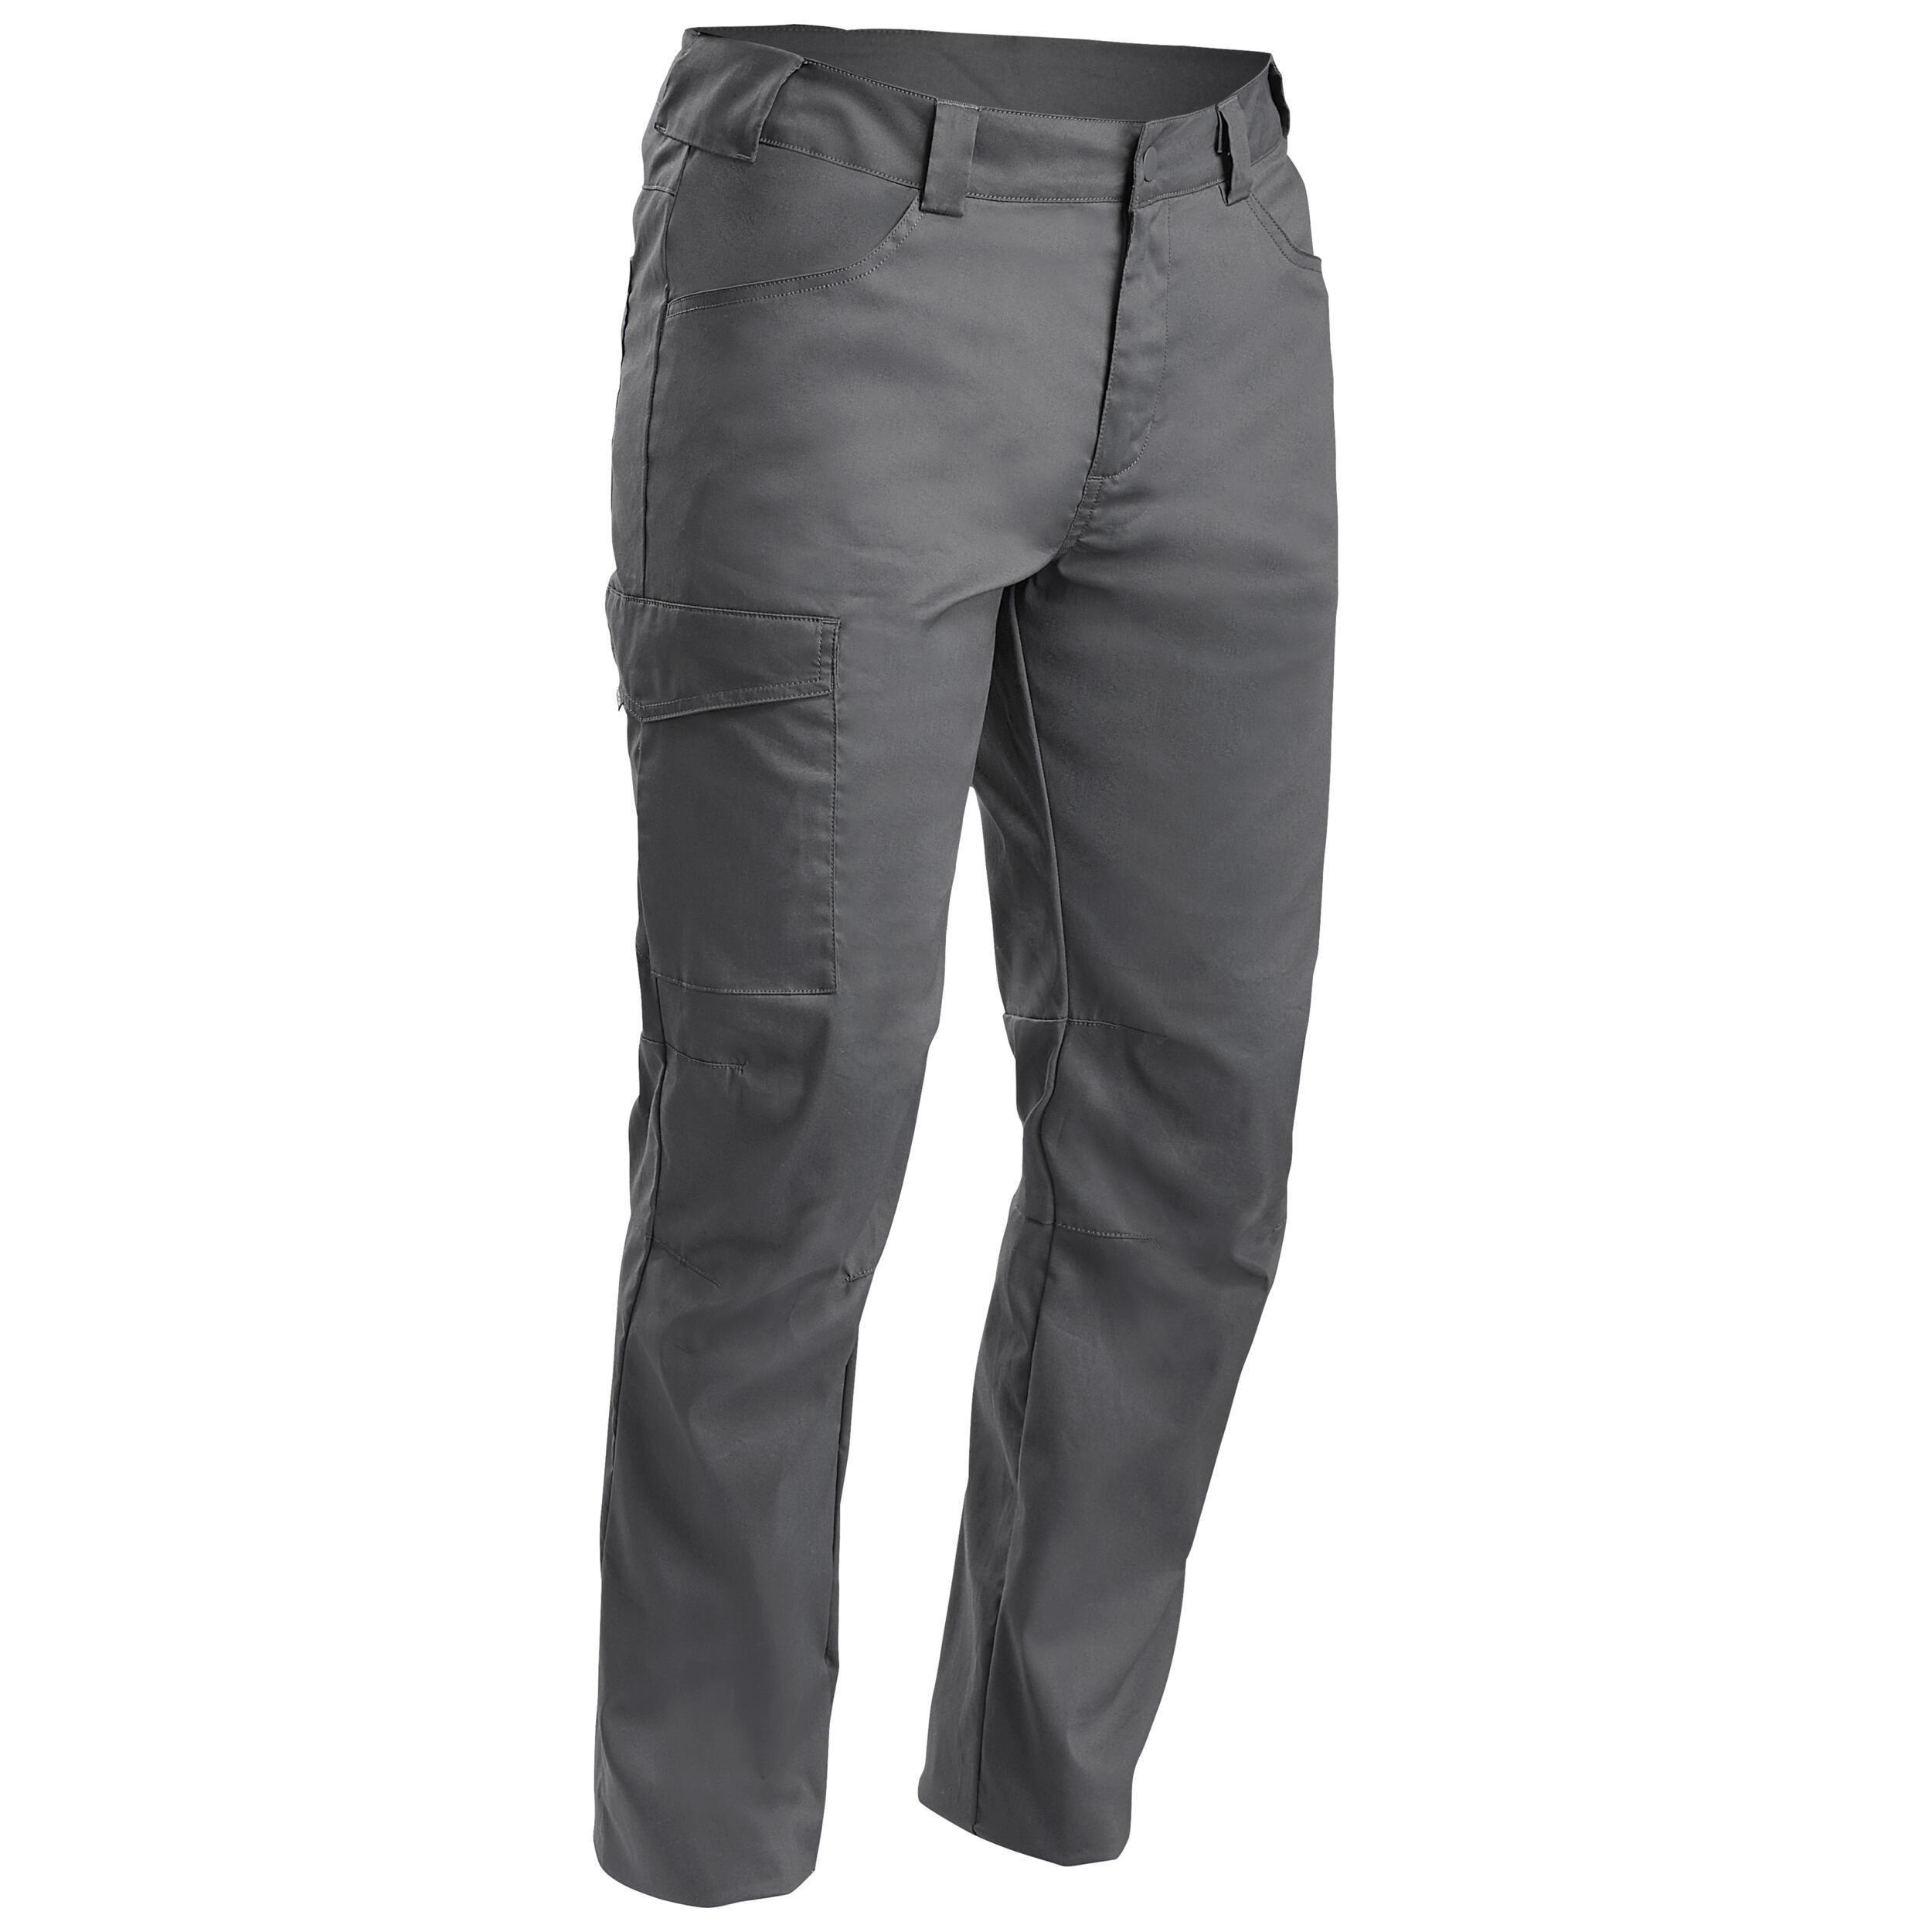 Pantalon NH100 Bărbați la Reducere poza